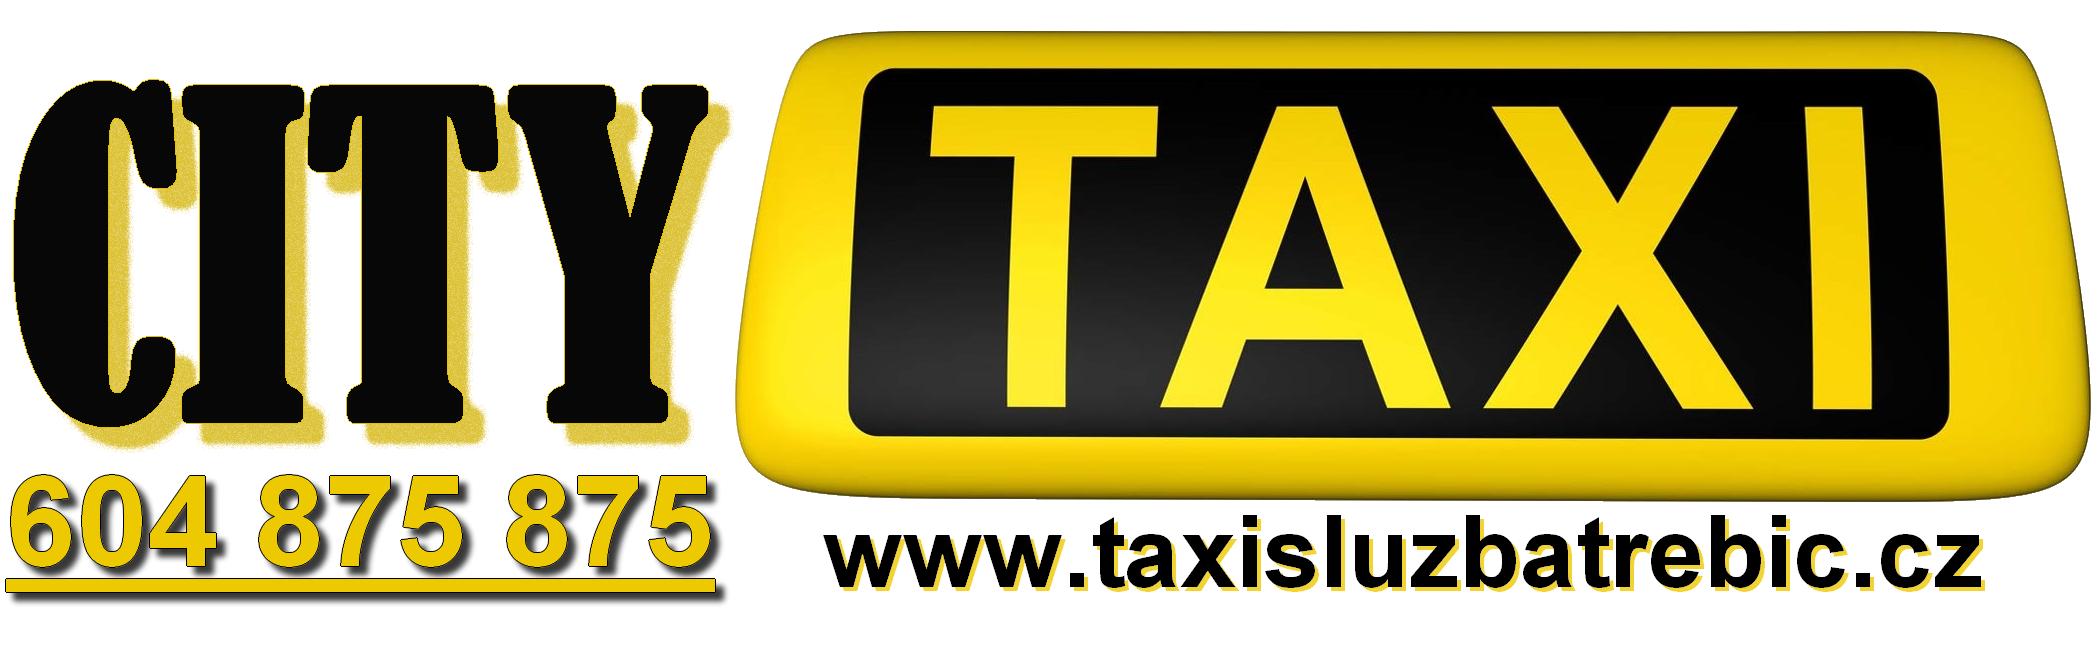 CITY Taxi Třebíč – nejlevnější taxi v třebíči a okolí, taxi třebíč, taxík třebíč